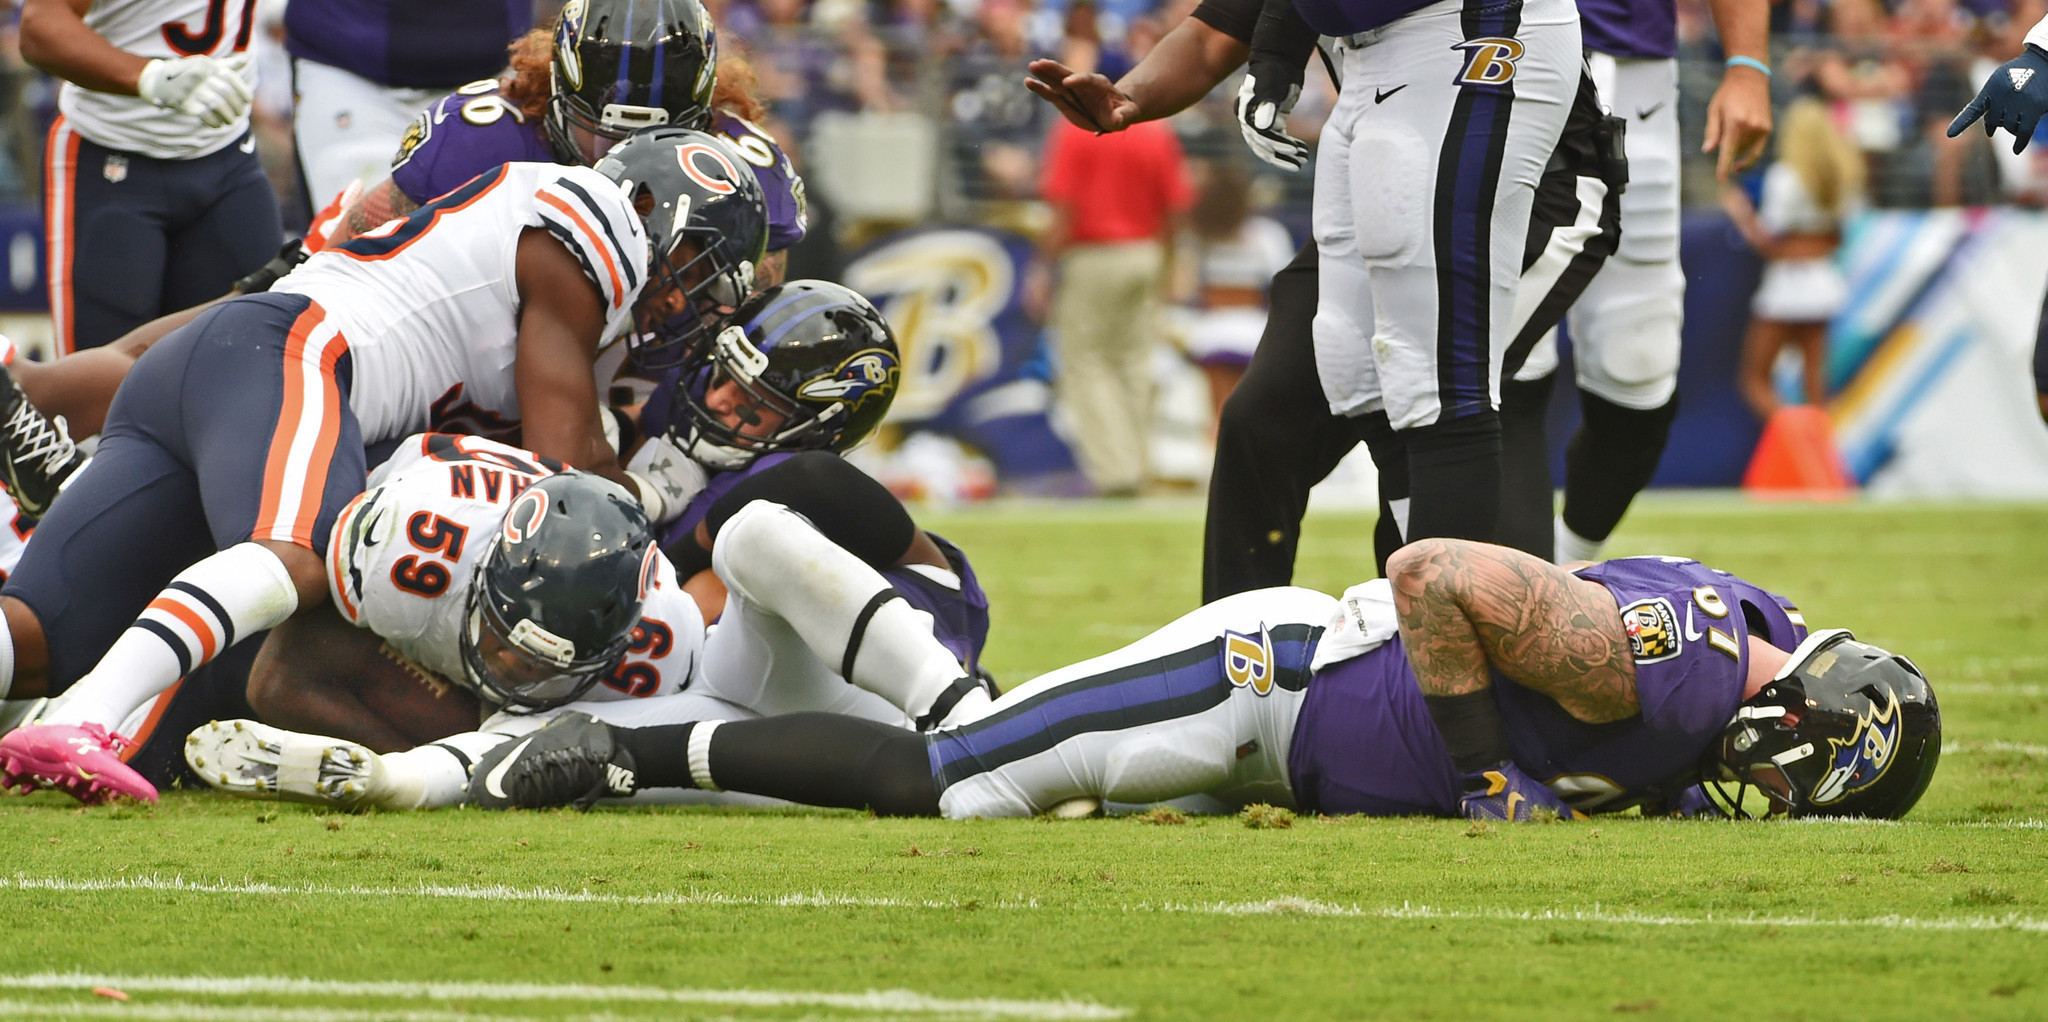 Bs-sp-ravens-bears-injuries-1015